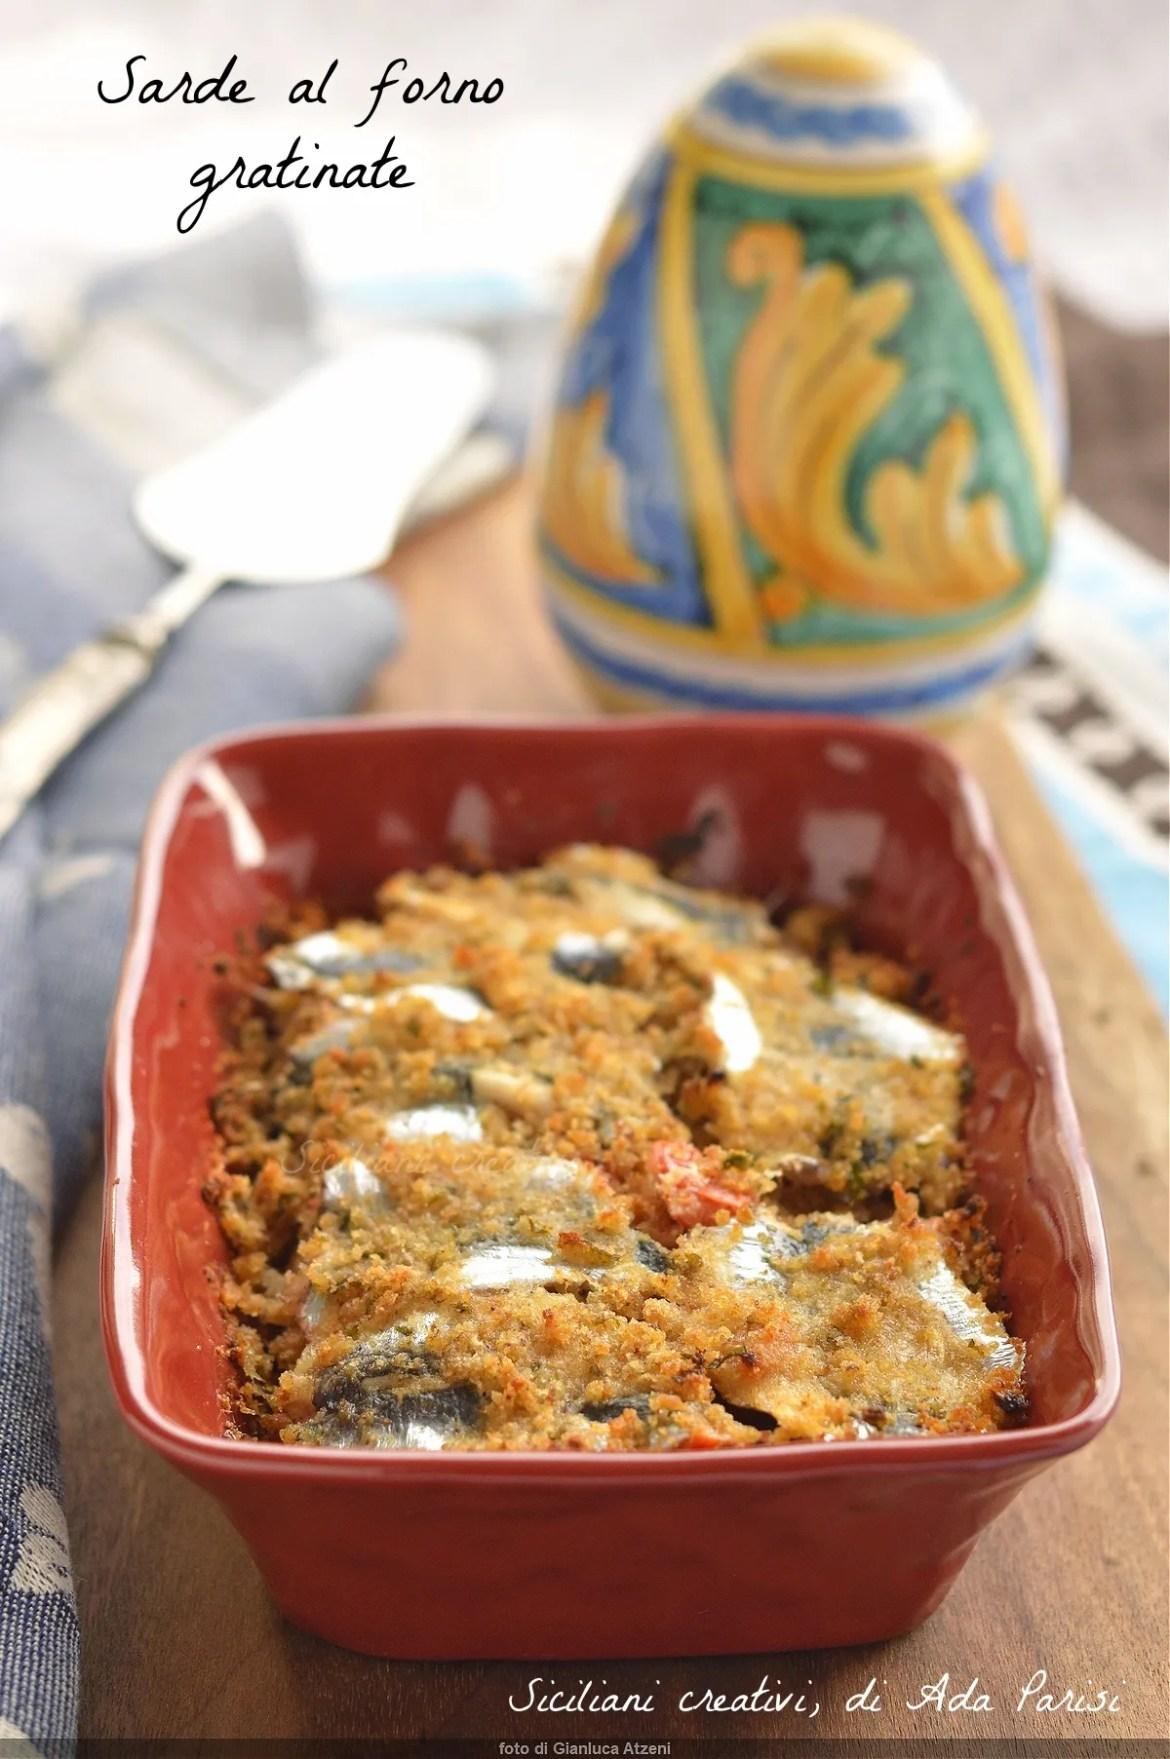 Sarde gratinate al forno alla siciliana